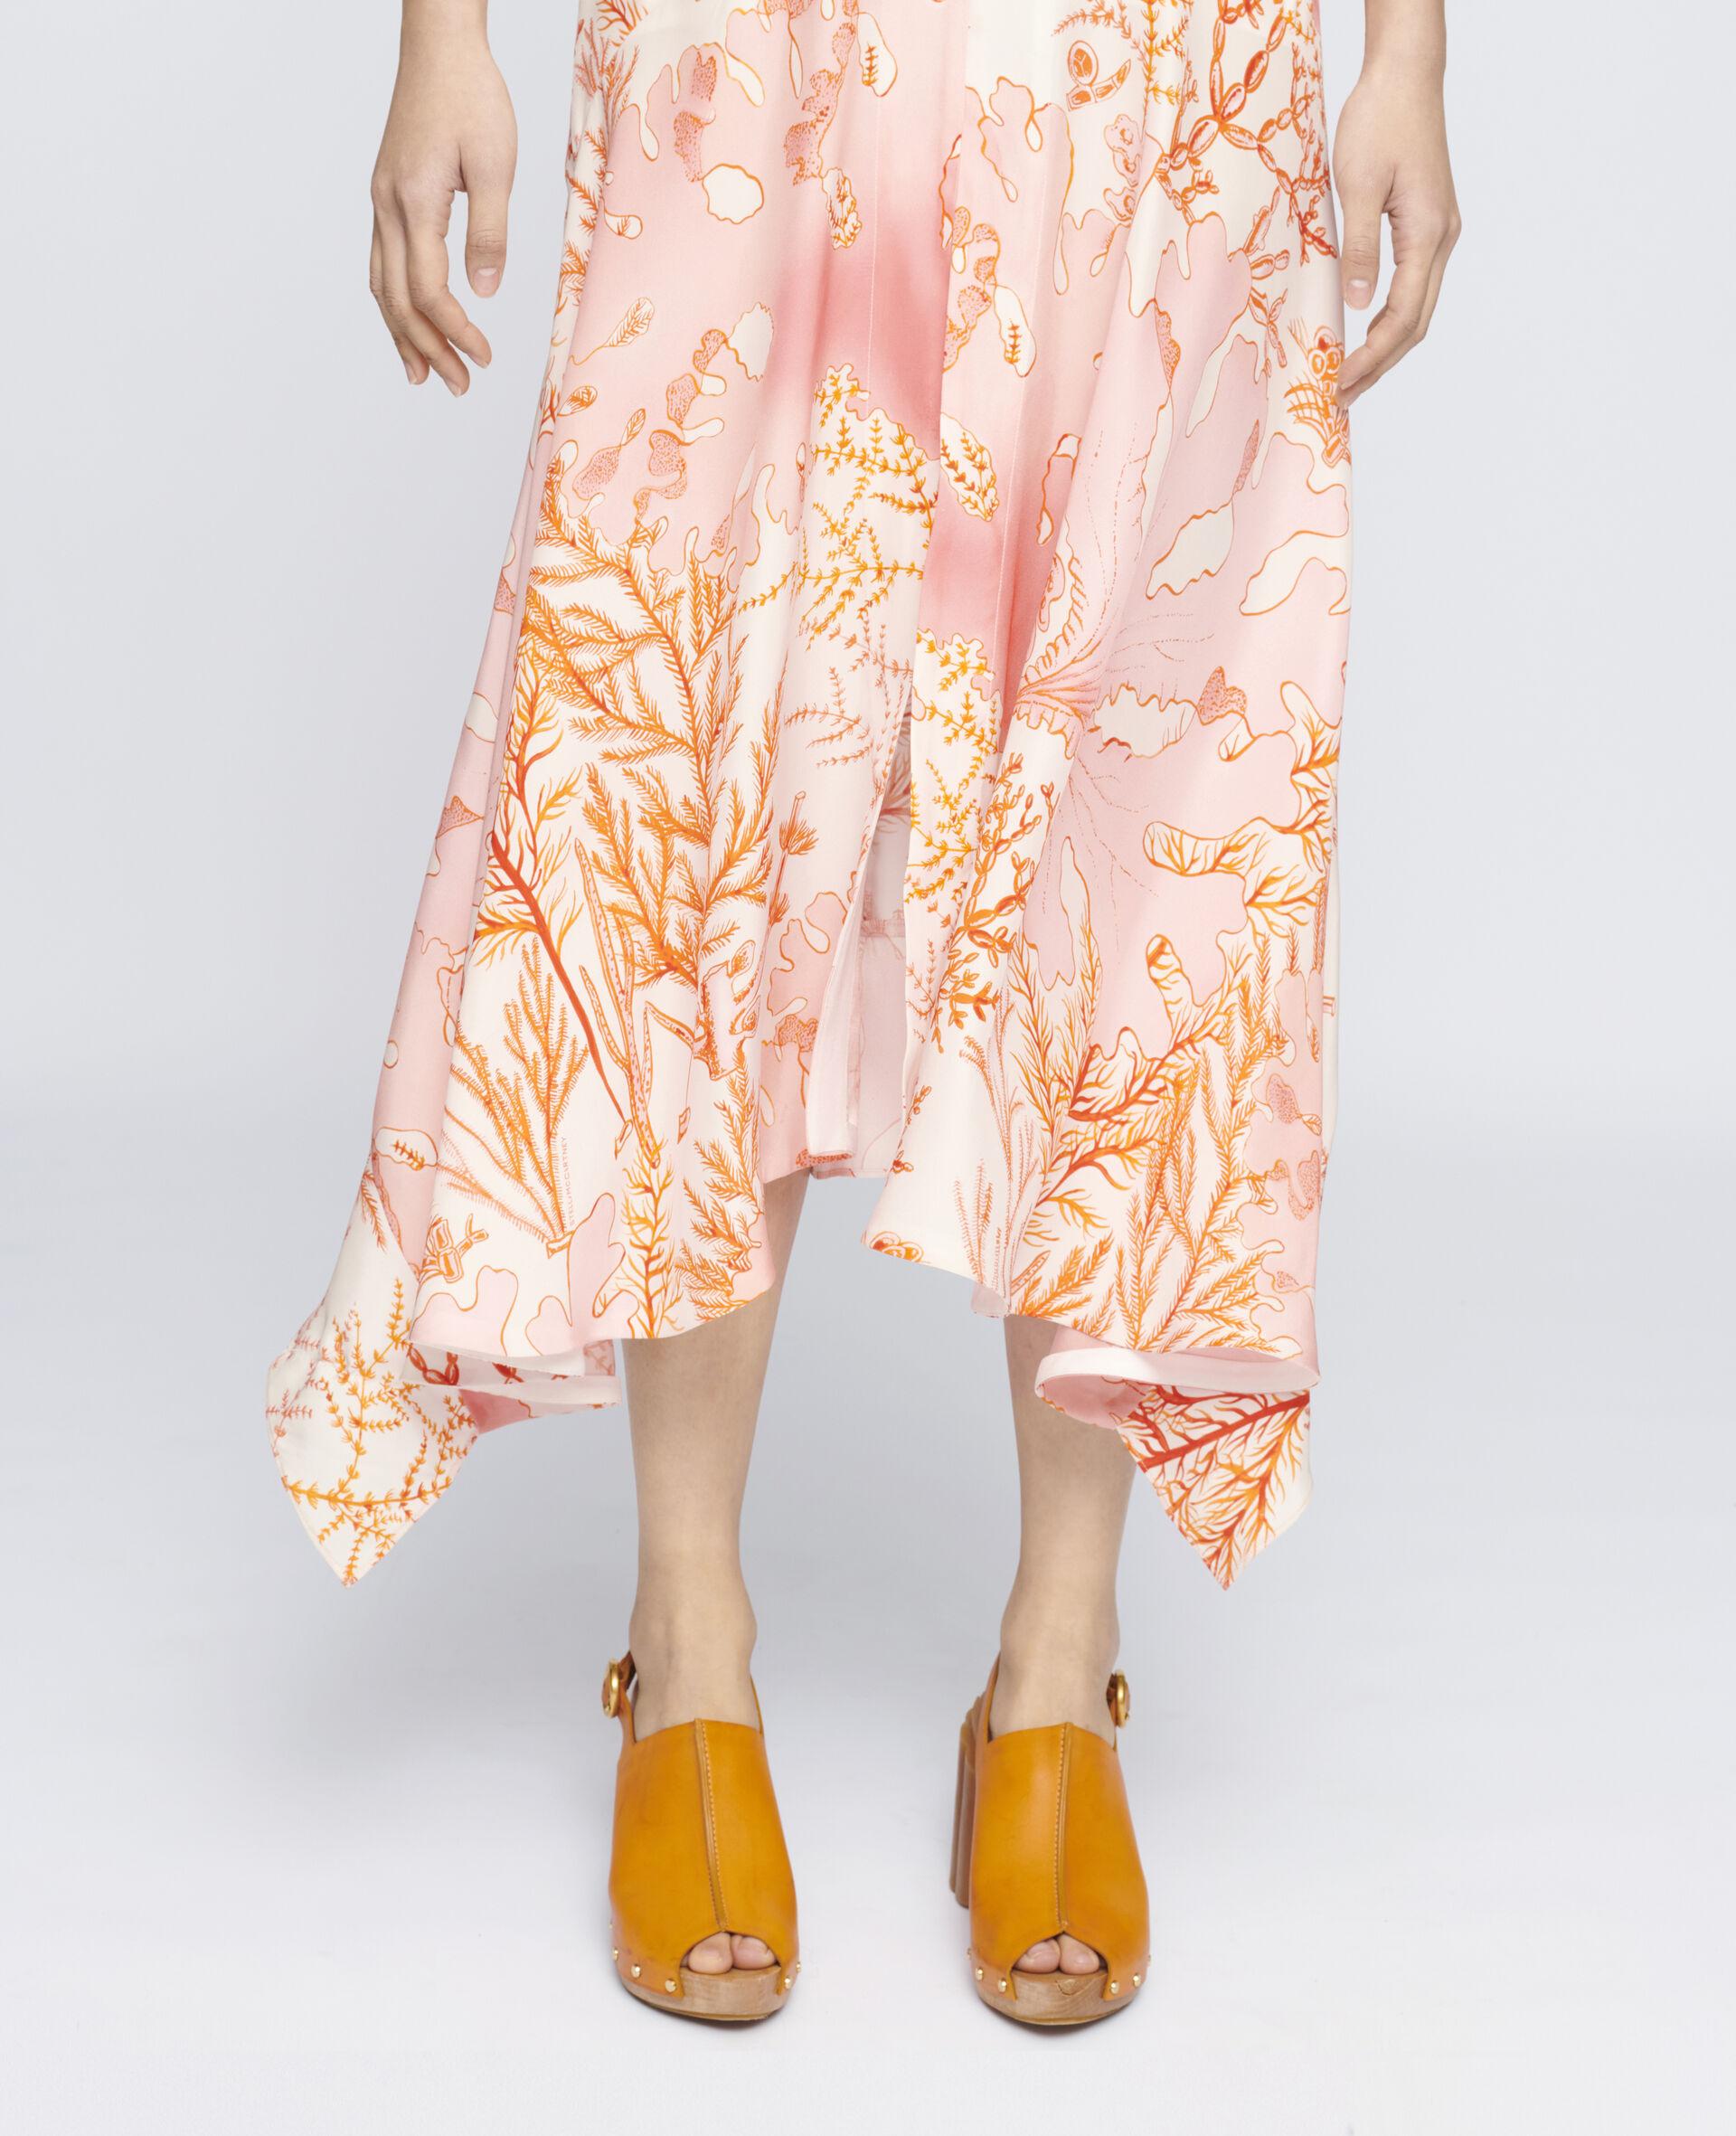 アナベル シルク ドレス-マルチカラー-large image number 3